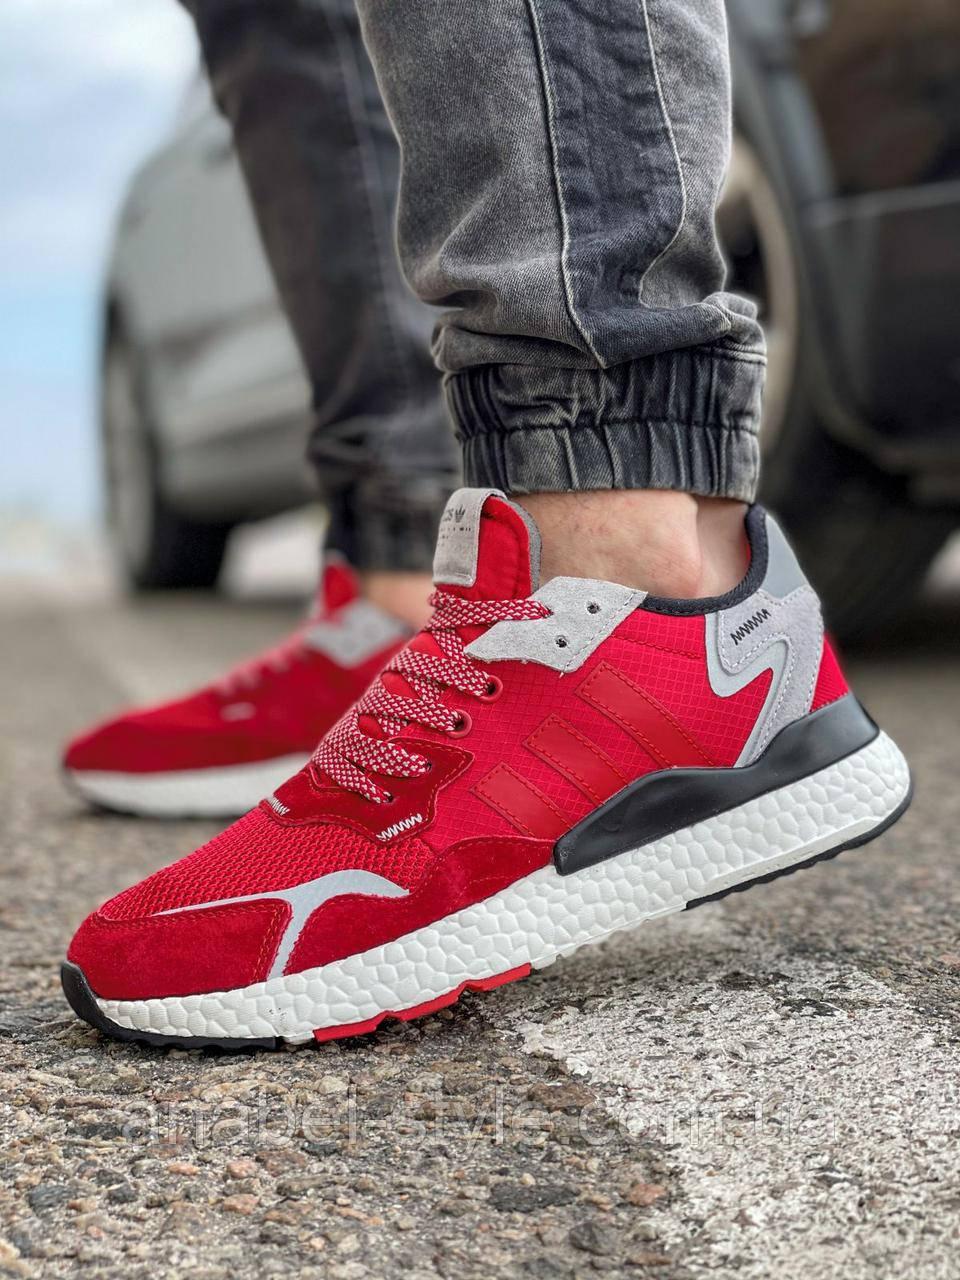 Кросівки чоловічі 17297, Adidas Nite Jogger Boost 3M, червоні, [ 41 42 43 44 45 ] р. 41-25,2 див. 42